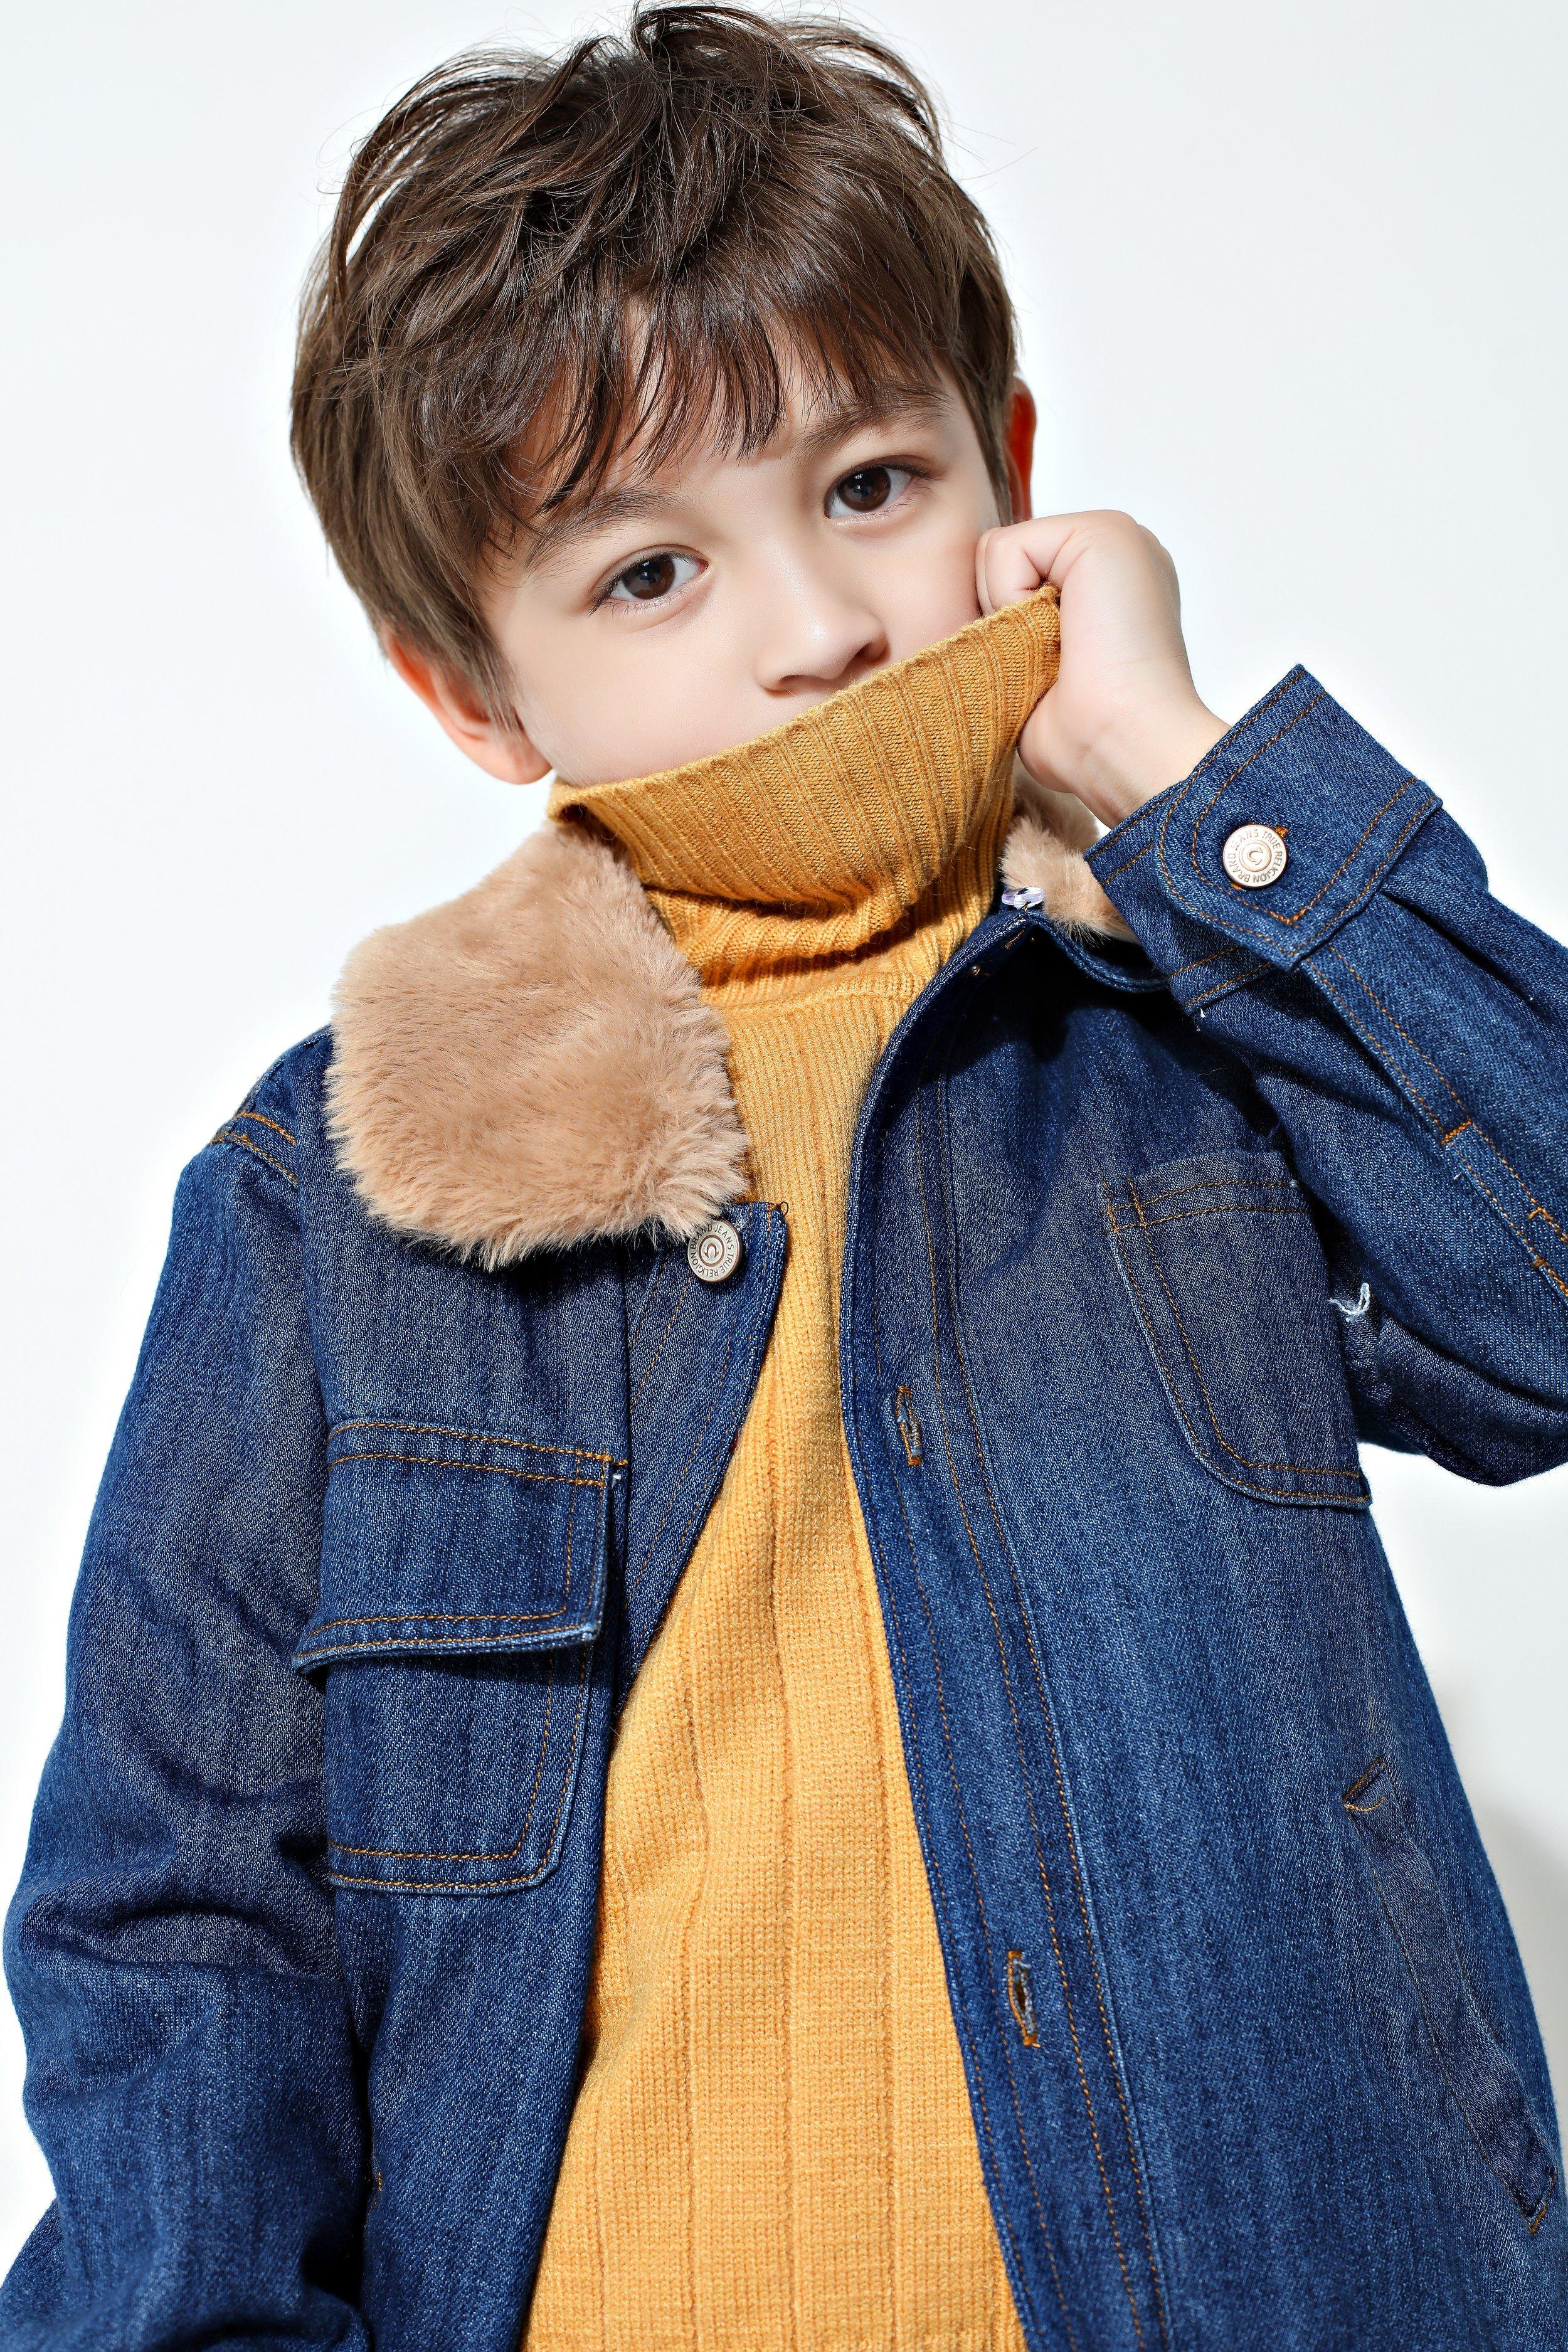 boy-casual-child-1705237.jpg